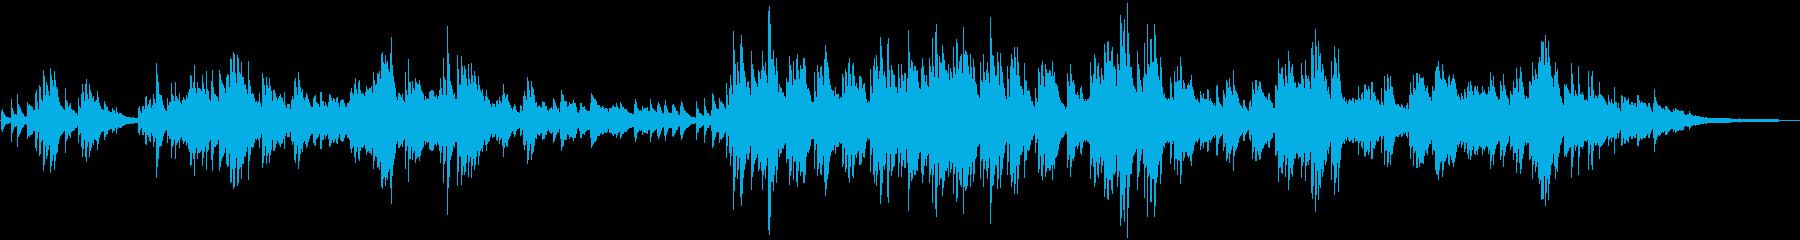 切ないメロディー しっとりしたピアノソロの再生済みの波形